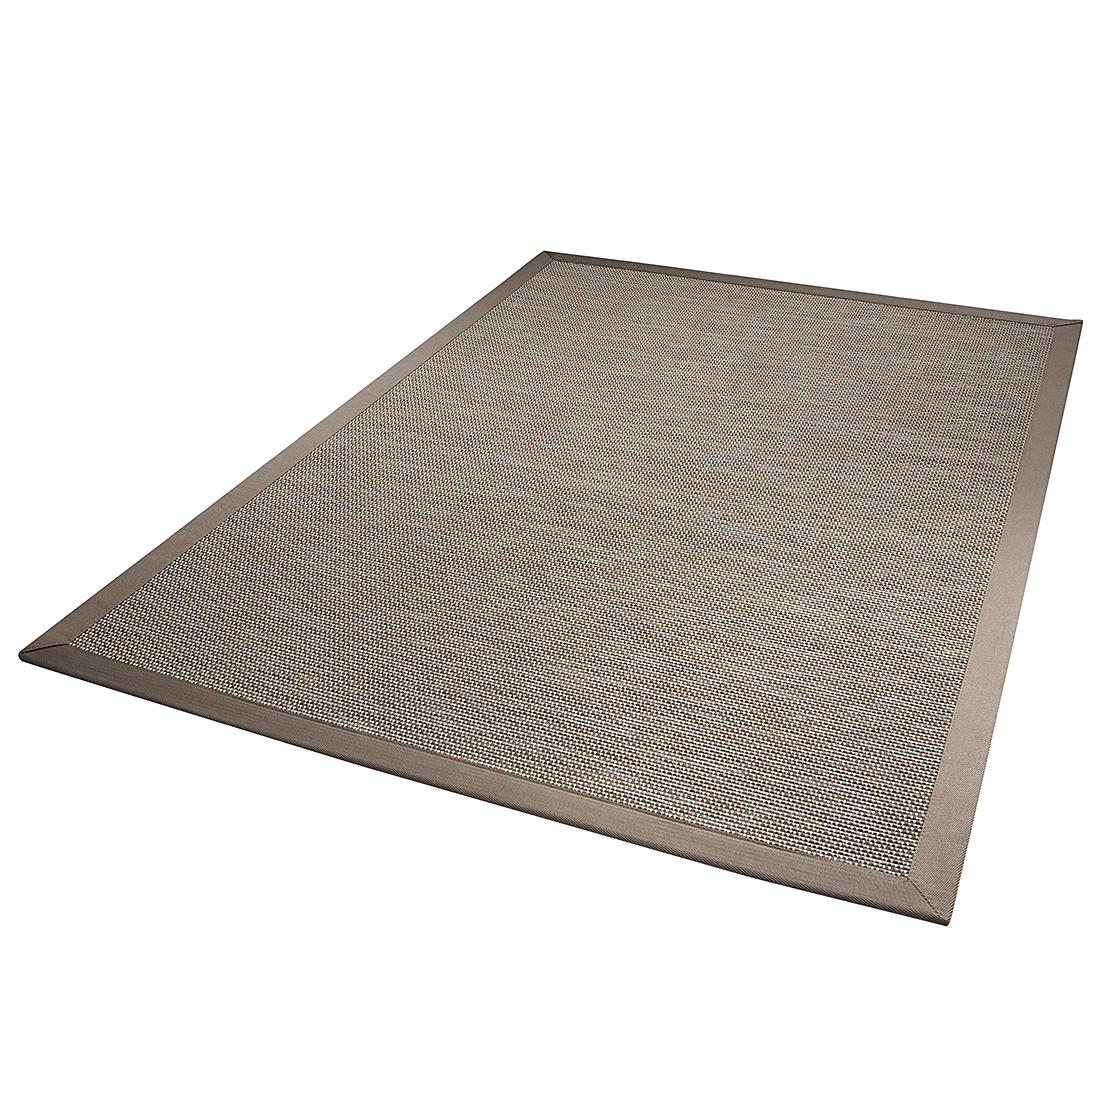 In-/Outdoorteppich Naturino Color – Grau – 170 x 230 cm, DEKOWE kaufen